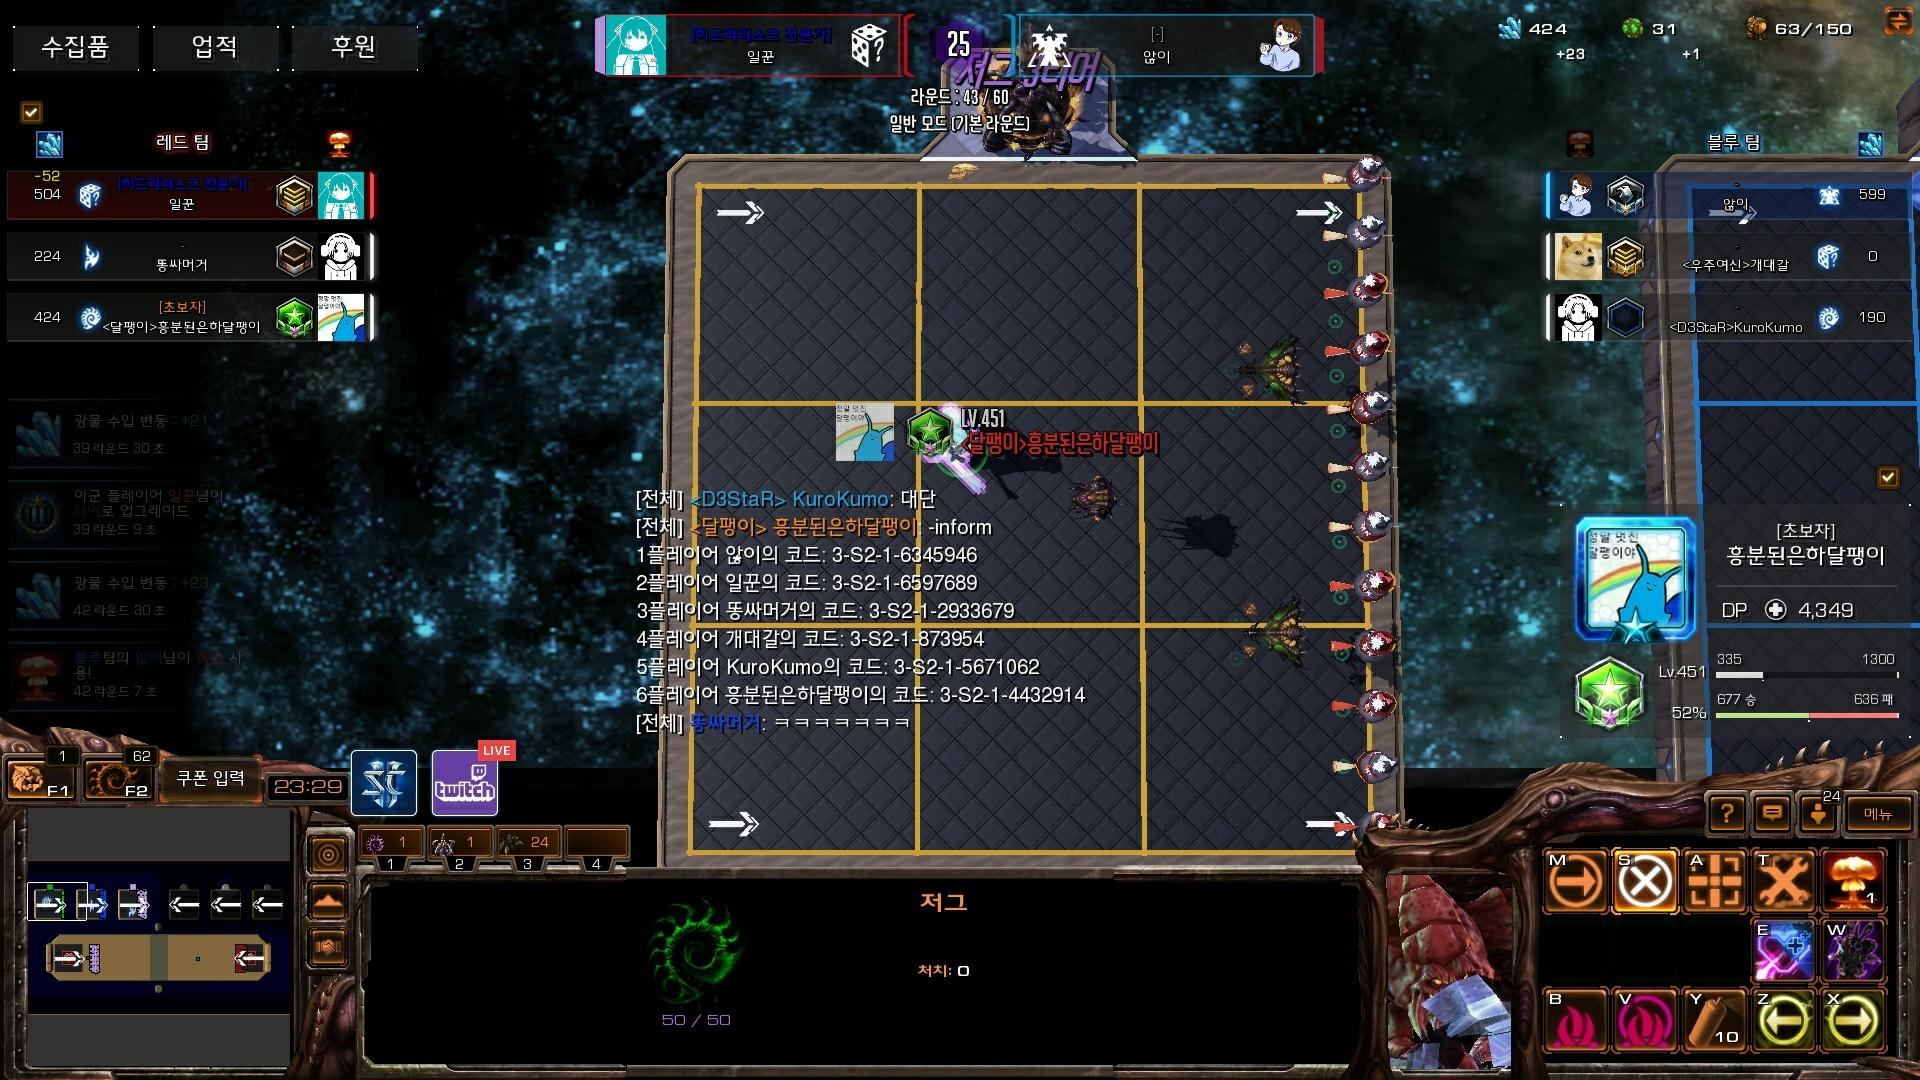 Screenshot2019-03-10 03_52_15.jpg